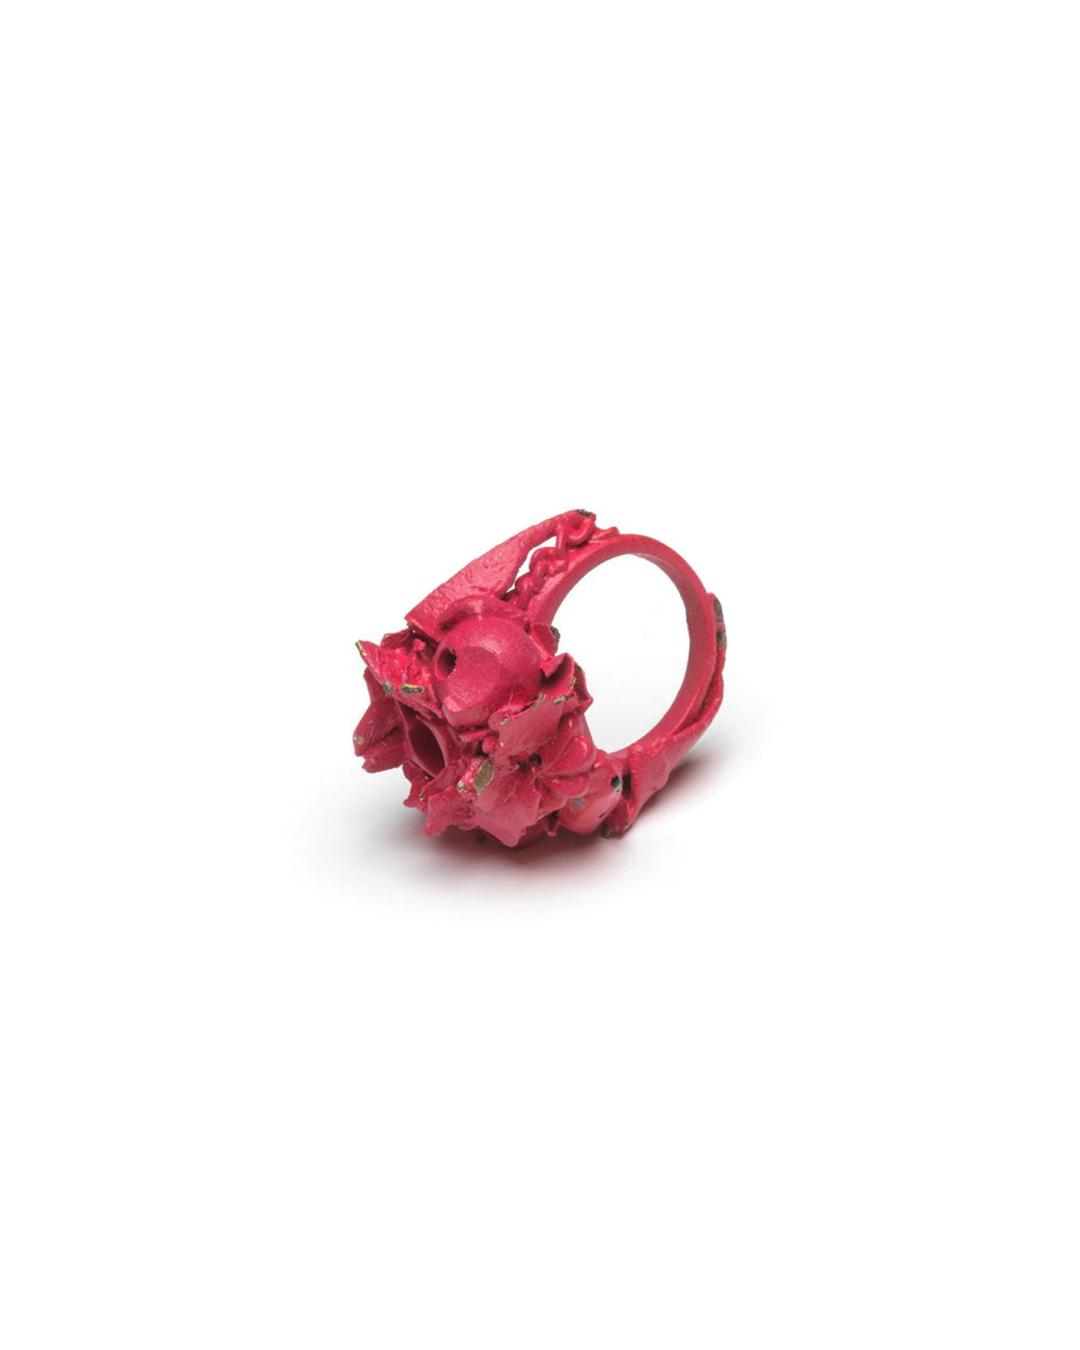 Doron Taubenfeld, zonder titel, 2009, ring; metaal, verf, 35 x 30 x 25 mm, €350